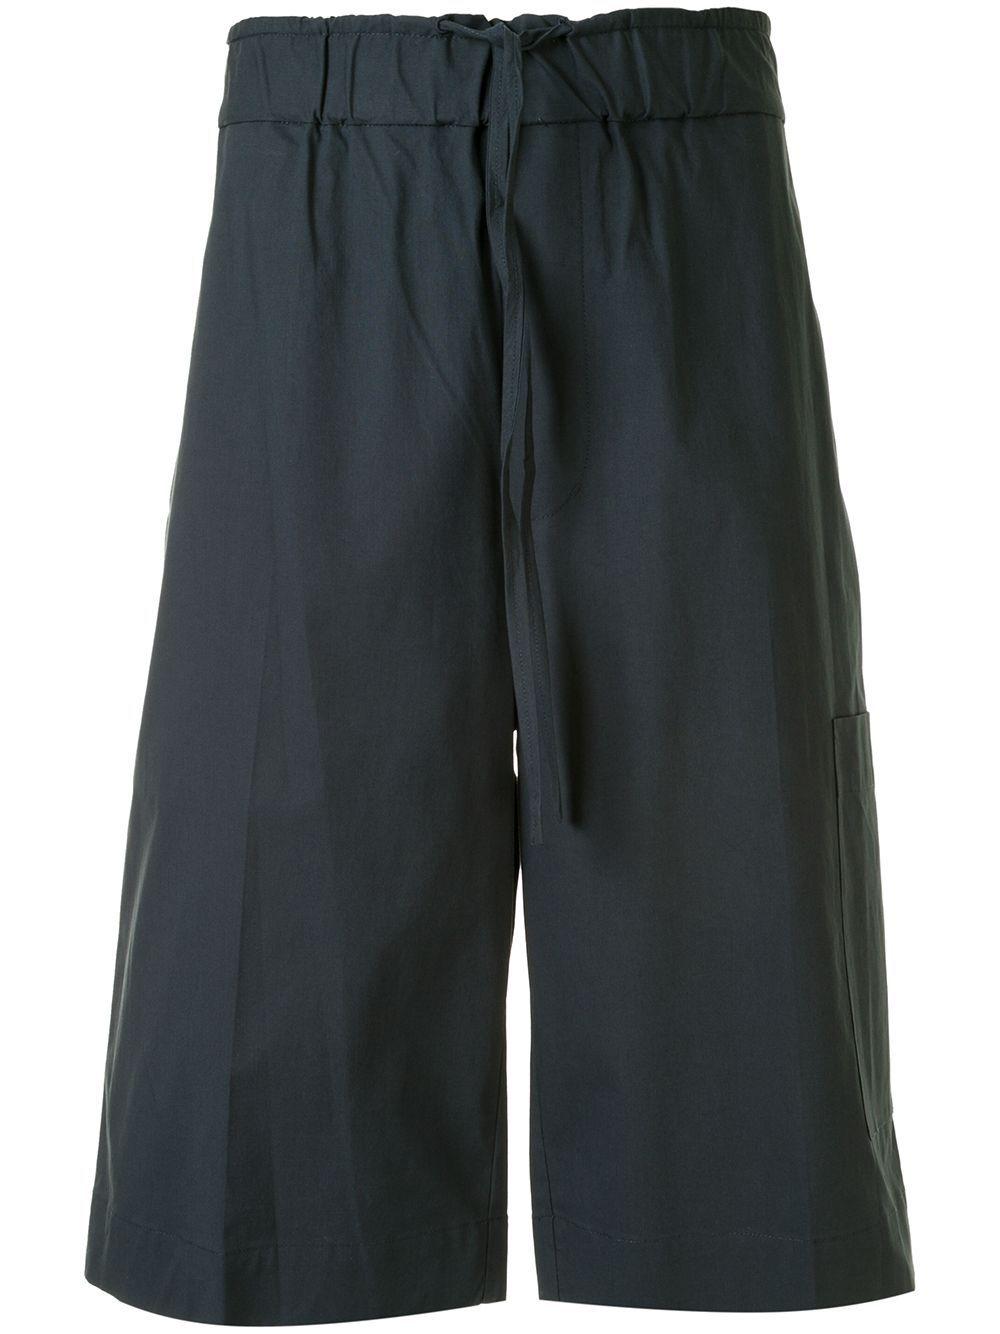 3.1 Phillip Lim Popeline-Shorts mit Stretchbund - Blau